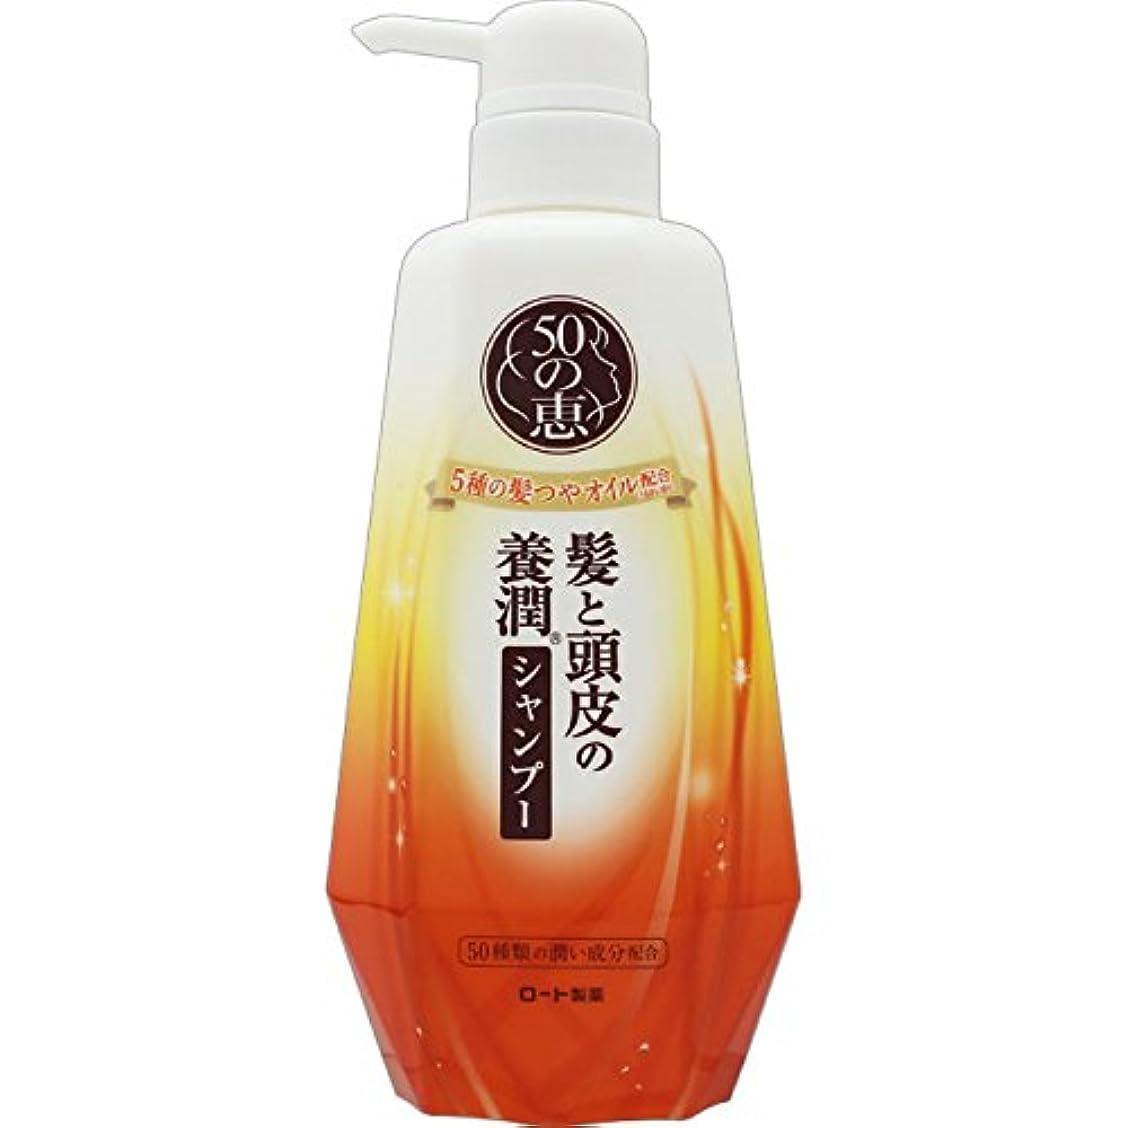 放棄するマイコンアロングロート製薬 50の恵エイジングケア 髪と頭皮の養潤シャンプー 400mL